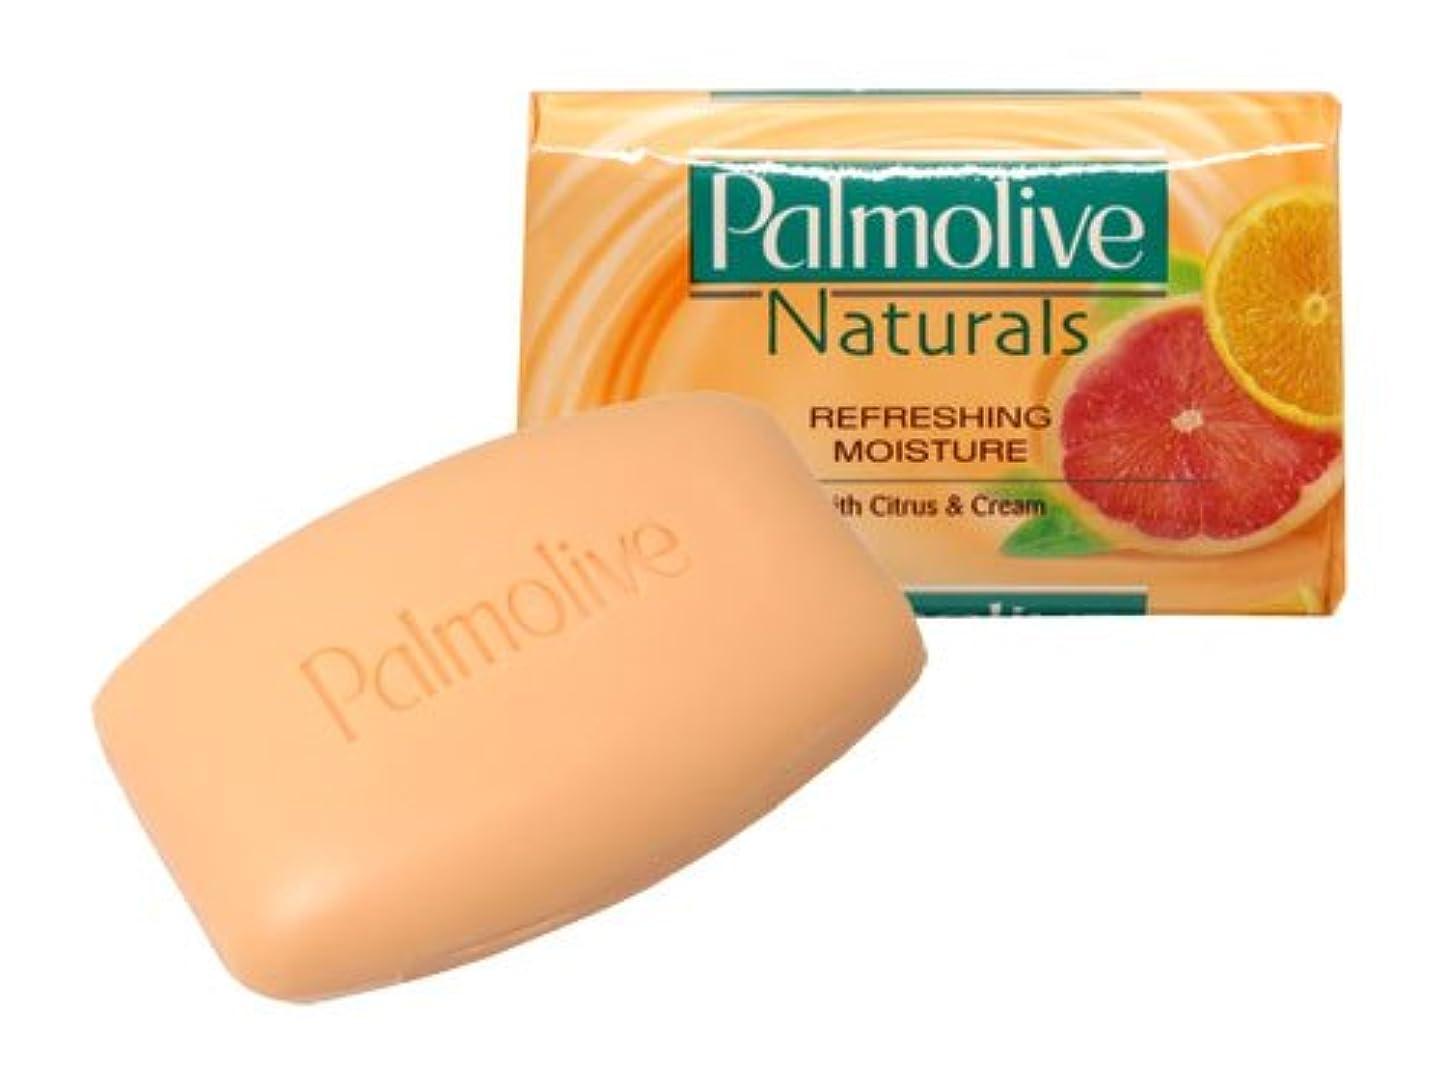 思いやりのある抜粋適応的【Palmolive】パルモリーブ ナチュラルズ石鹸3個パック(シトラス&クリーム)